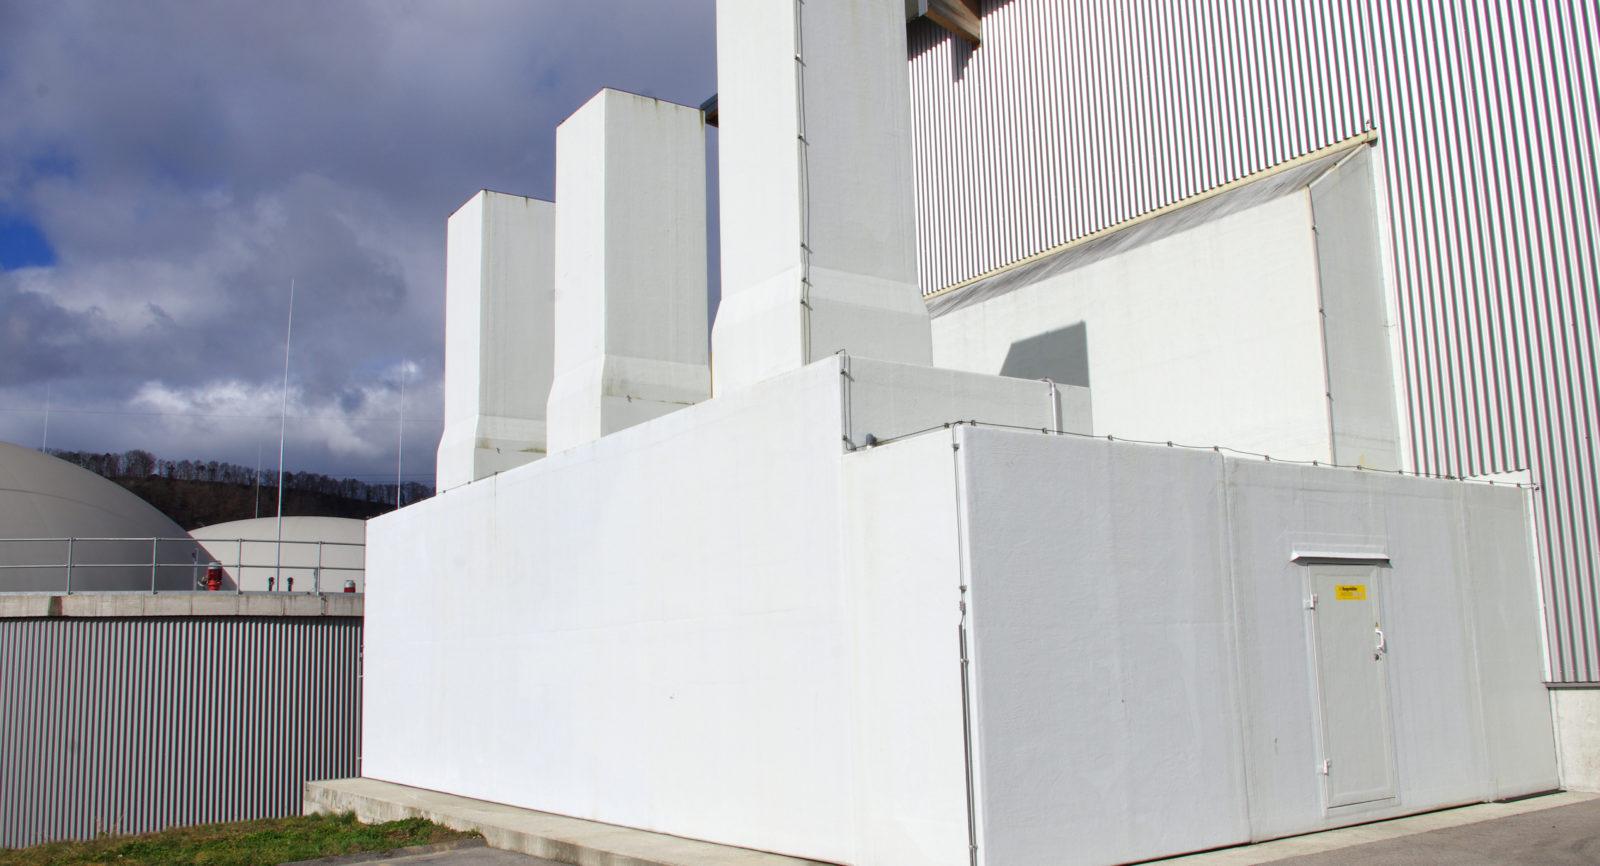 Um die Umgebungsluft nicht zu beeinträchtigen, wird die Anlieferungshalle, in der landwirtschaftliche Abfälle entladen werden, mit Biofiltern entlüftet.